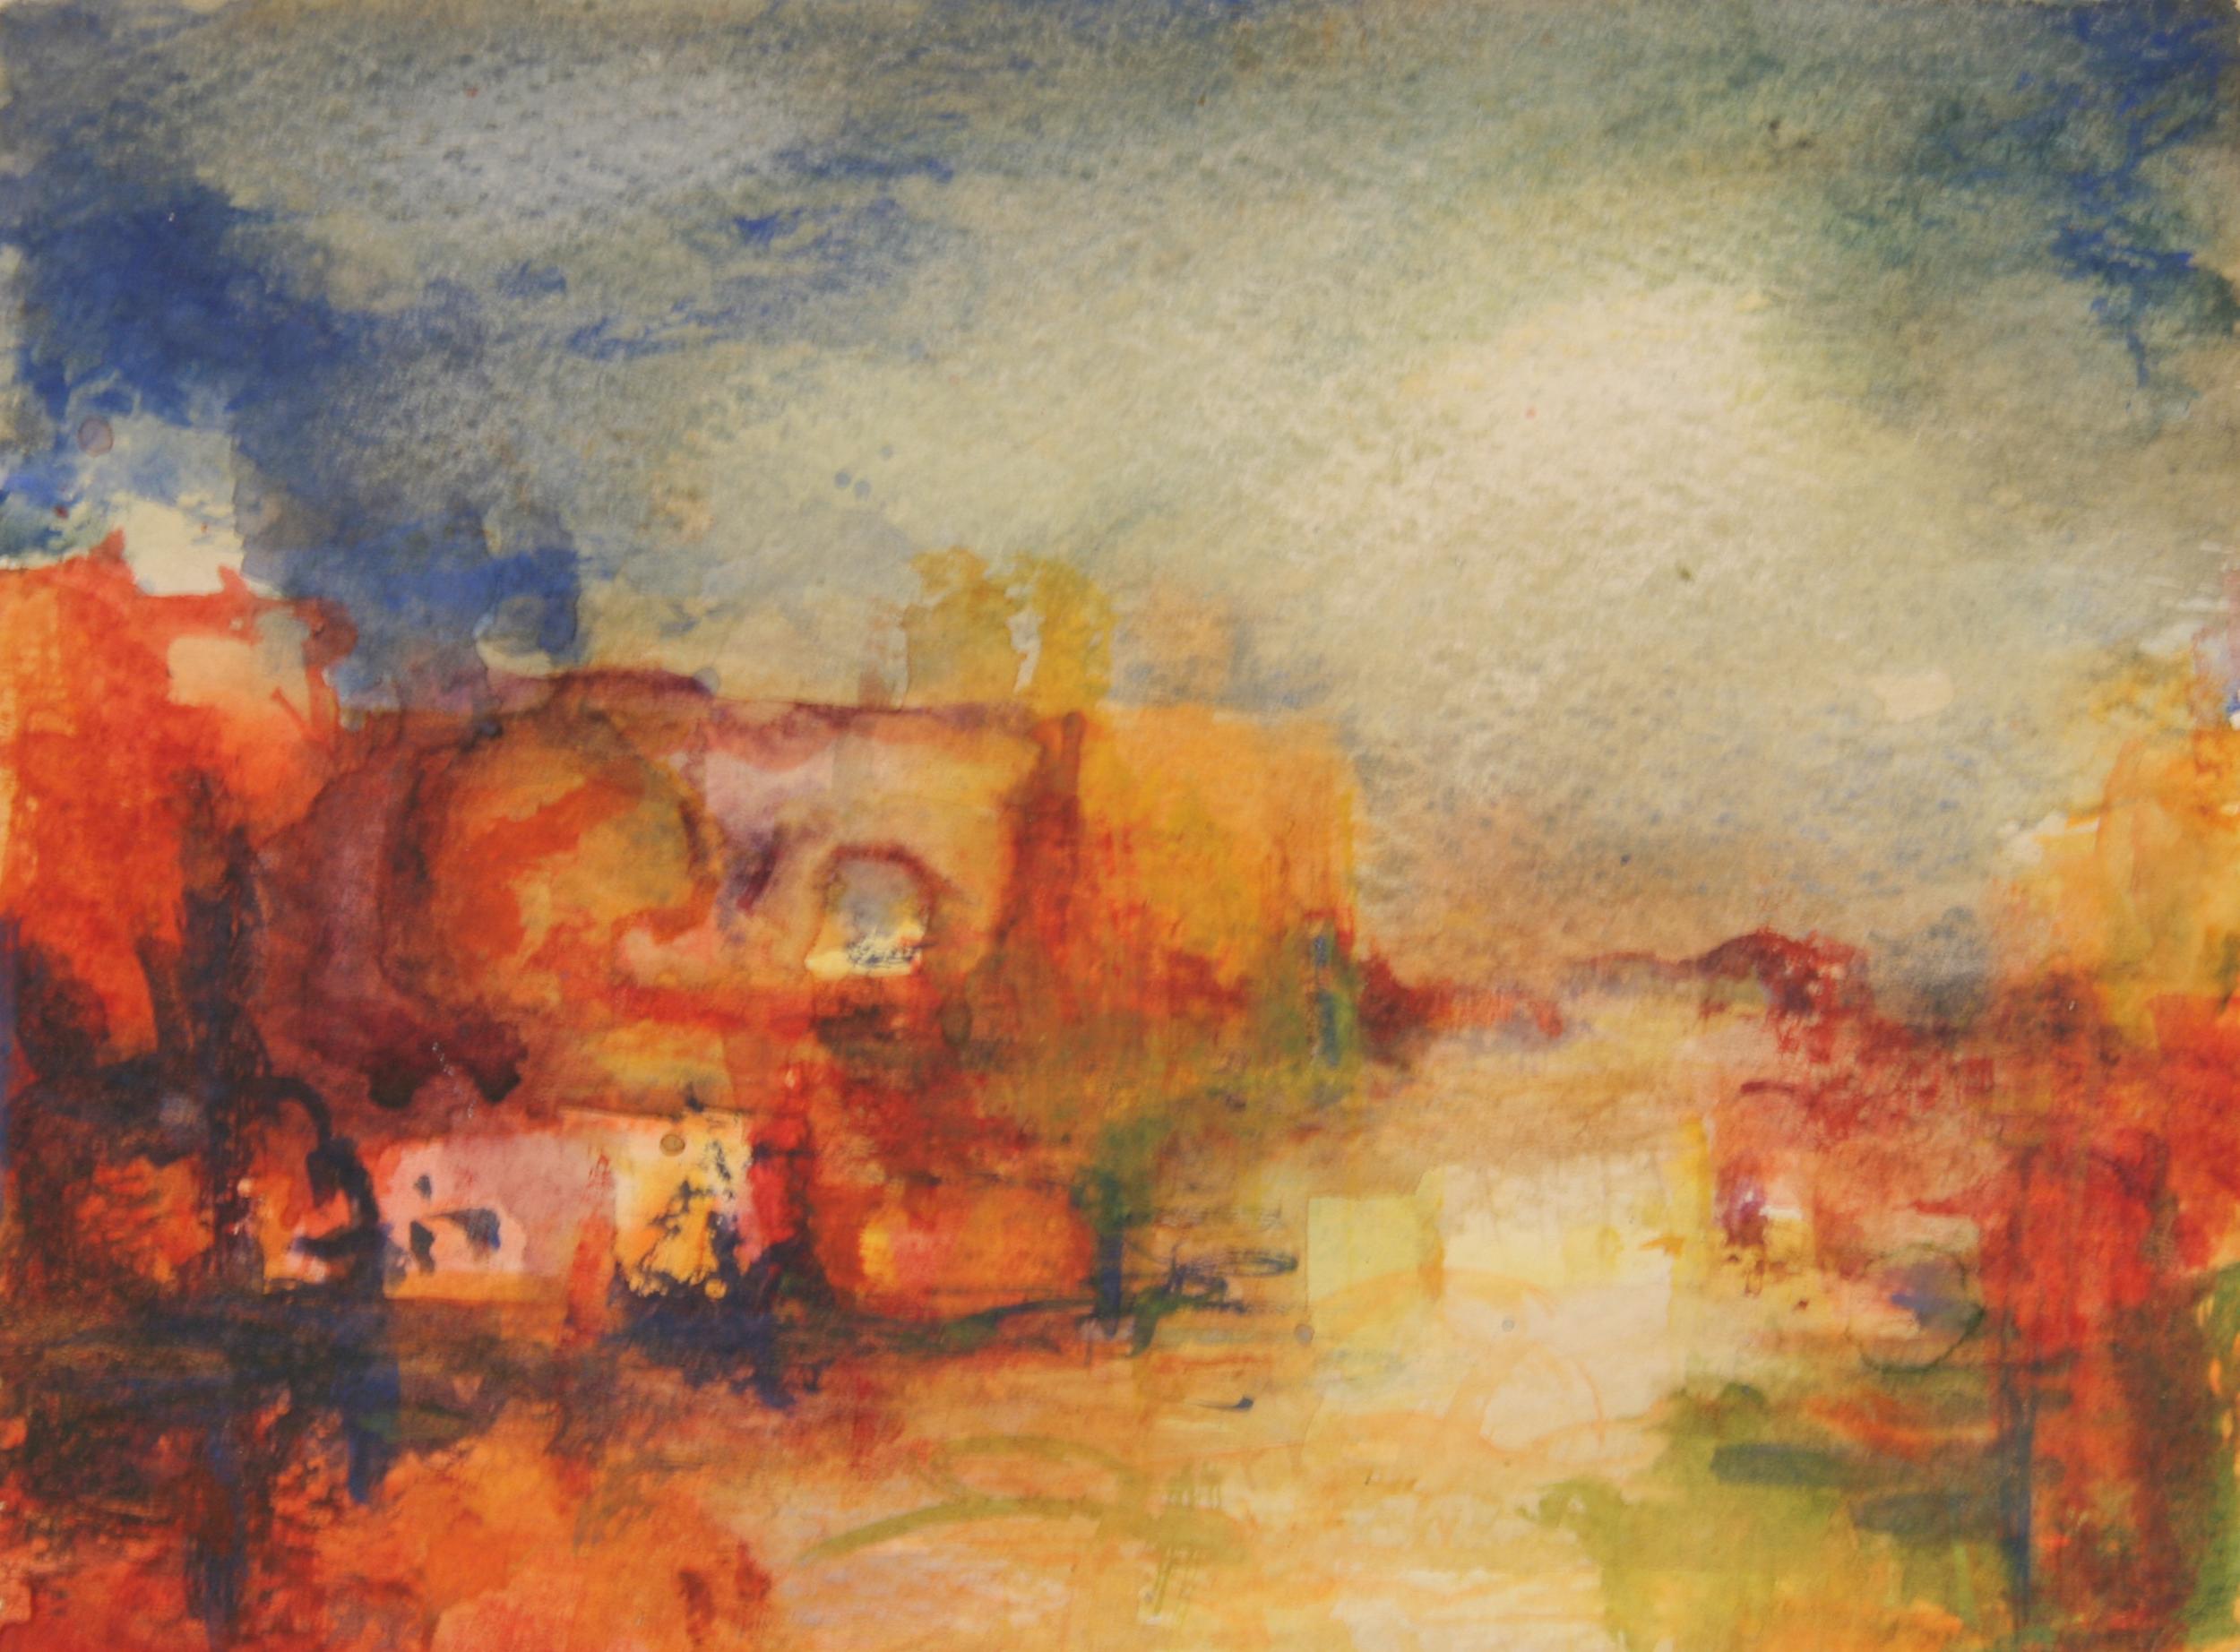 Untitled (After Turner)